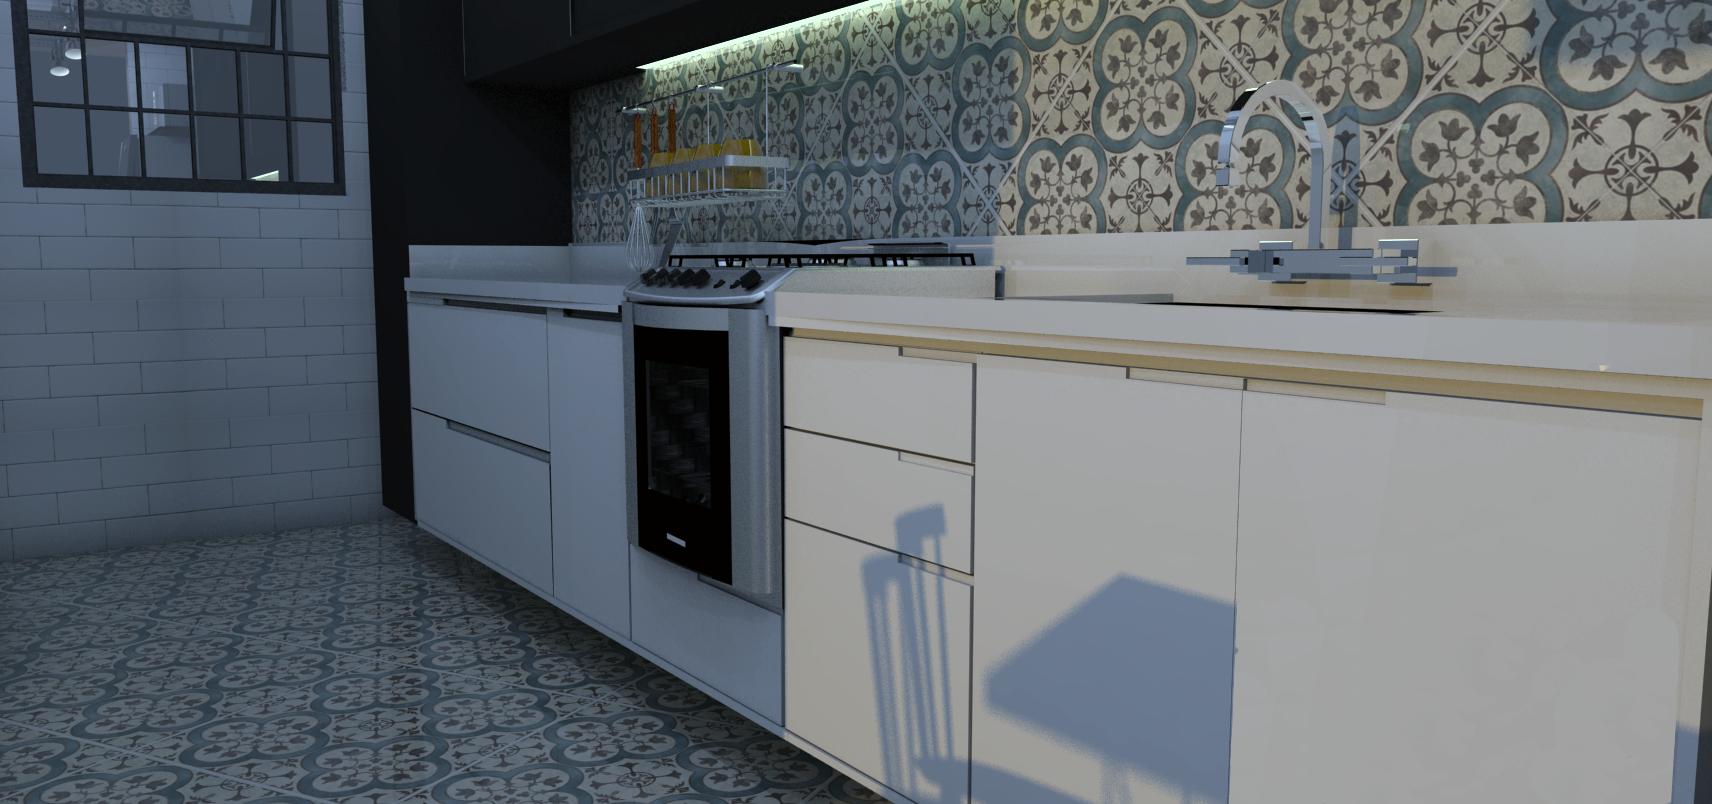 Cozinhas. – Murilo Zadulski – Design e decoração de interiores  #527967 1712 804